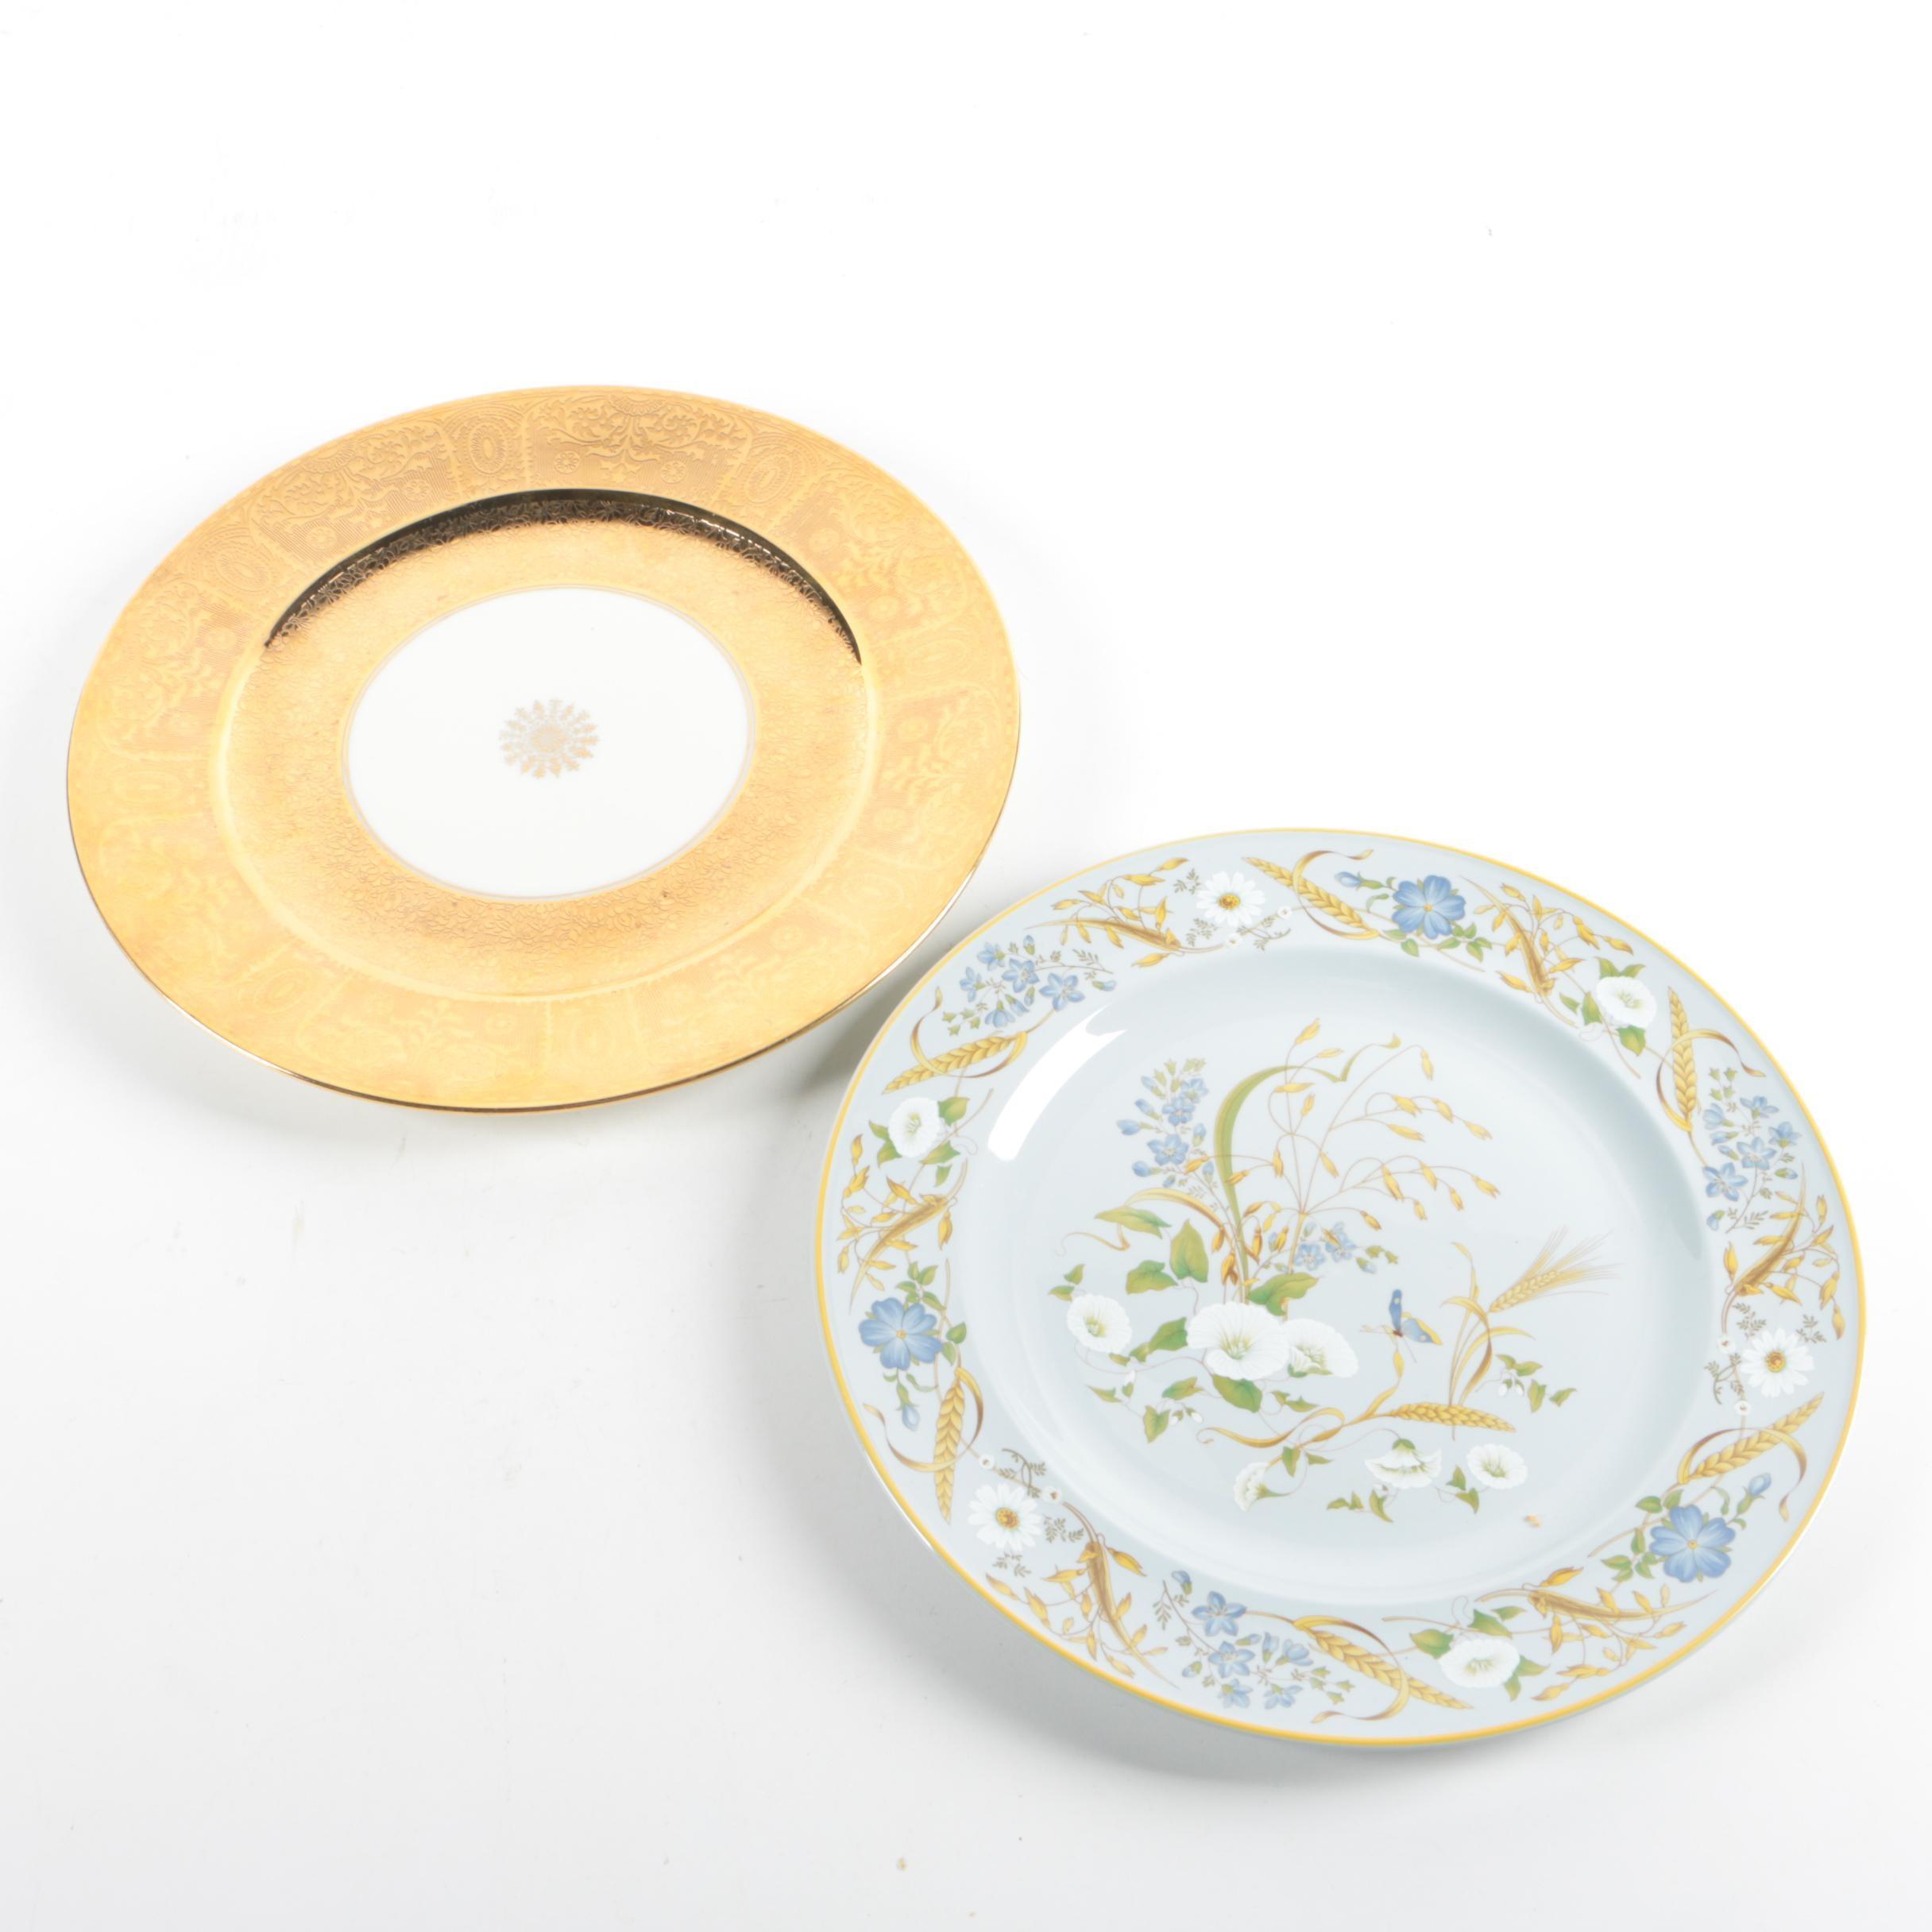 """Vintage Bavarian Gold Encrusted Plate with Spode """"Summer Harvest"""" Dinner Plate"""